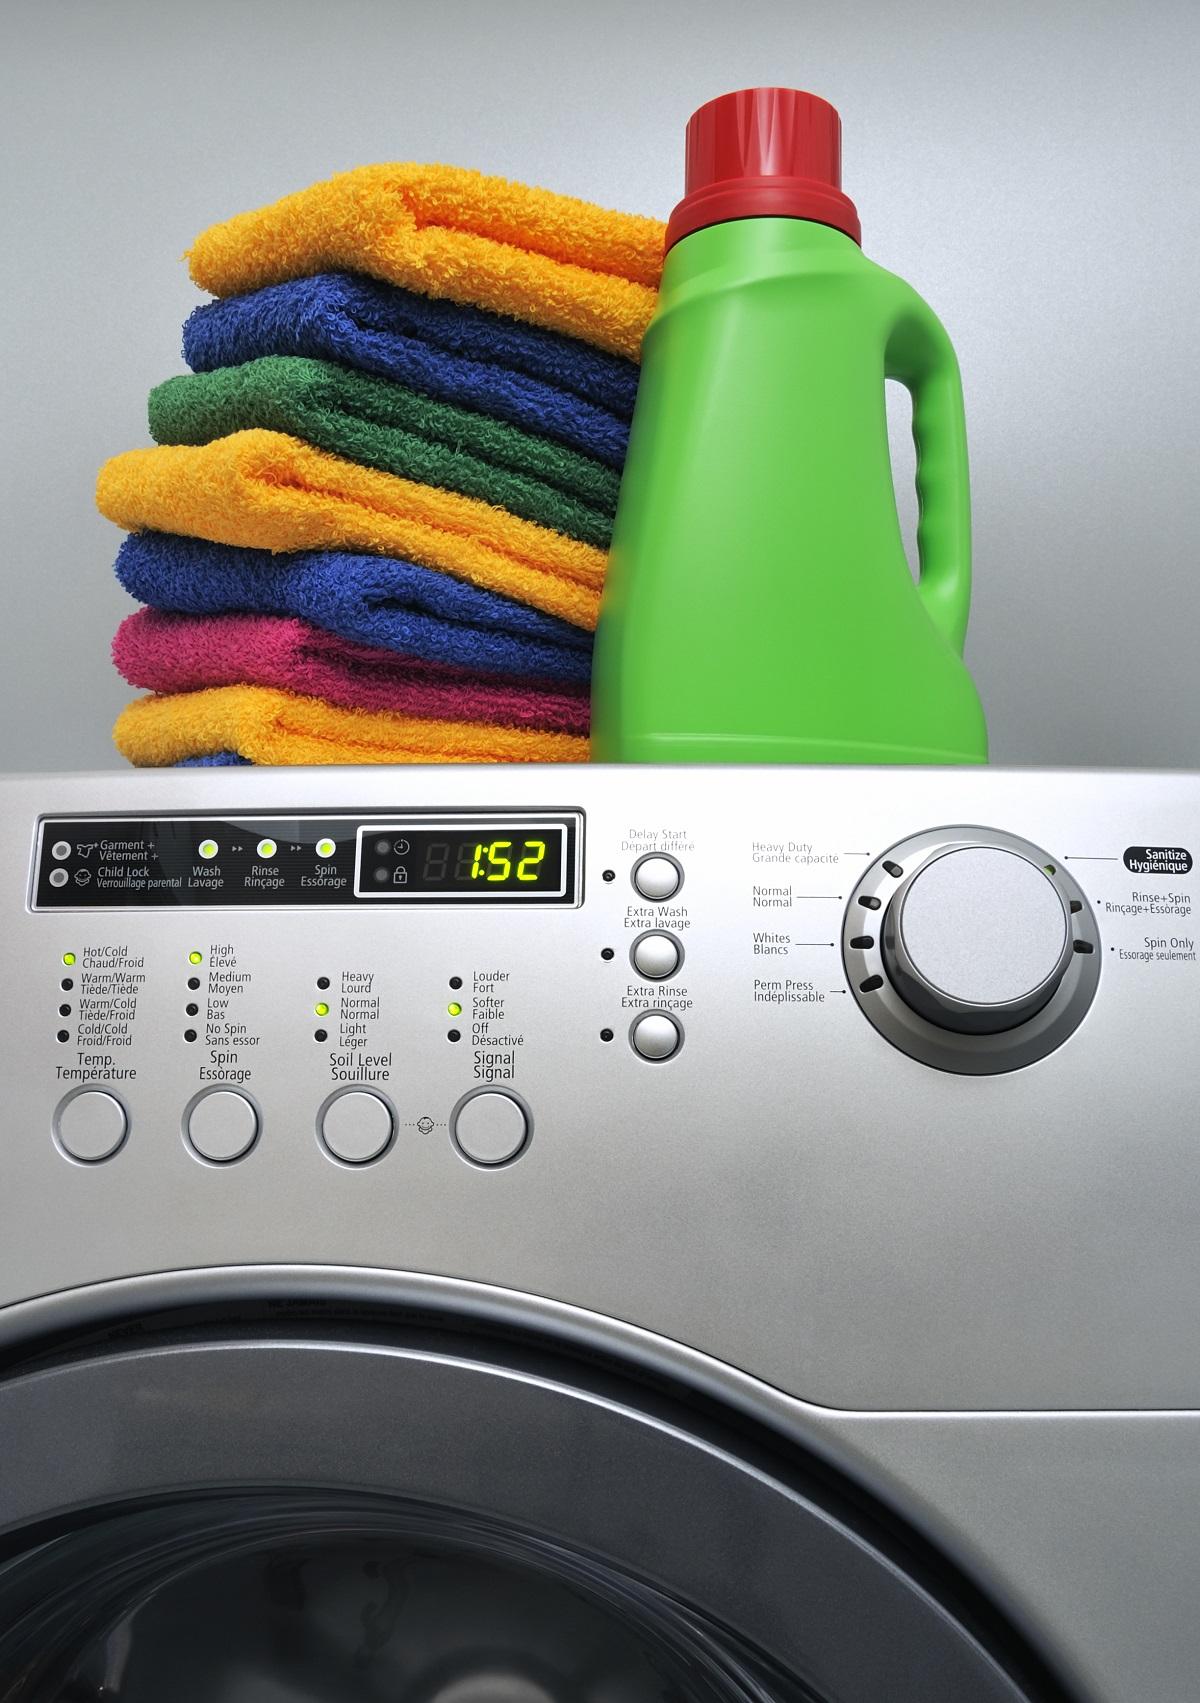 nieuwe handdoeken/badhanddoeken wassen - ikzoekeenschoonmaakster.nl